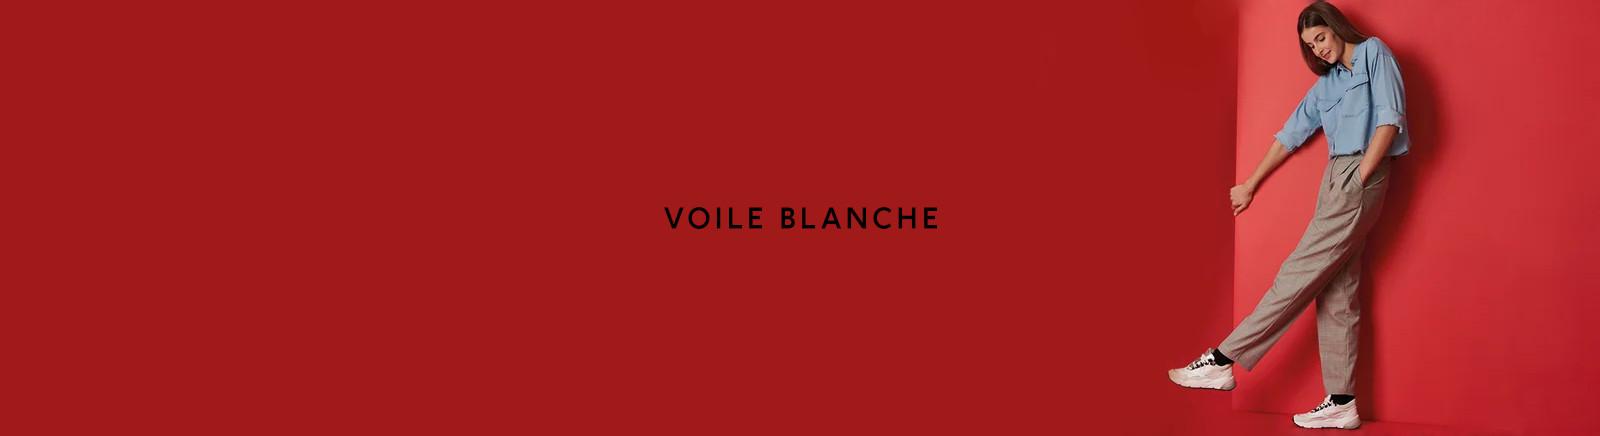 Prange: Voile Blanche Sneaker für Damen kaufen online shoppen